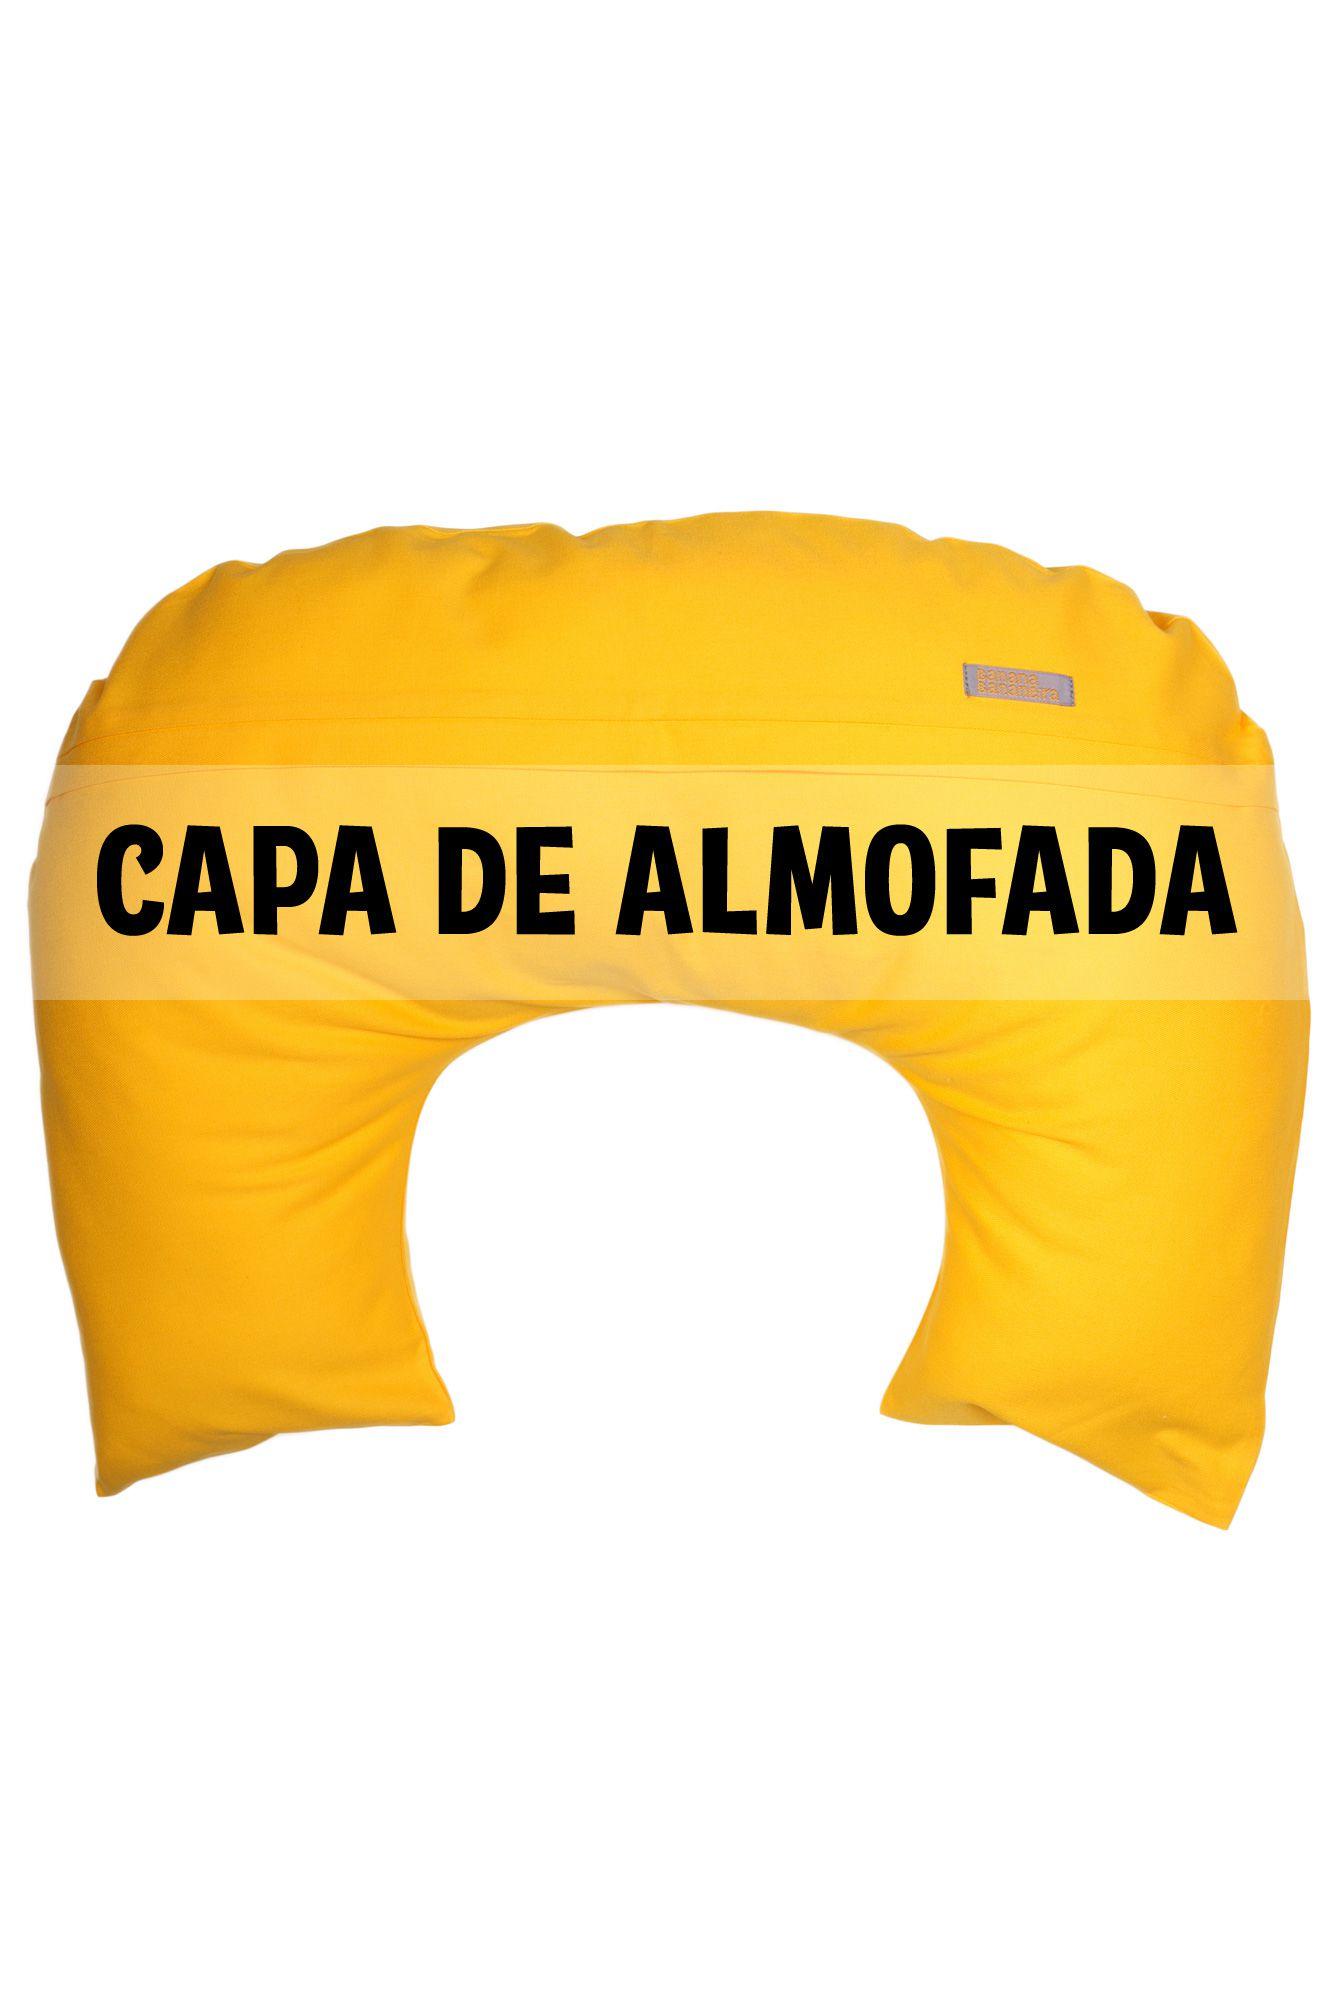 Capa de almofada de amamentação amarela